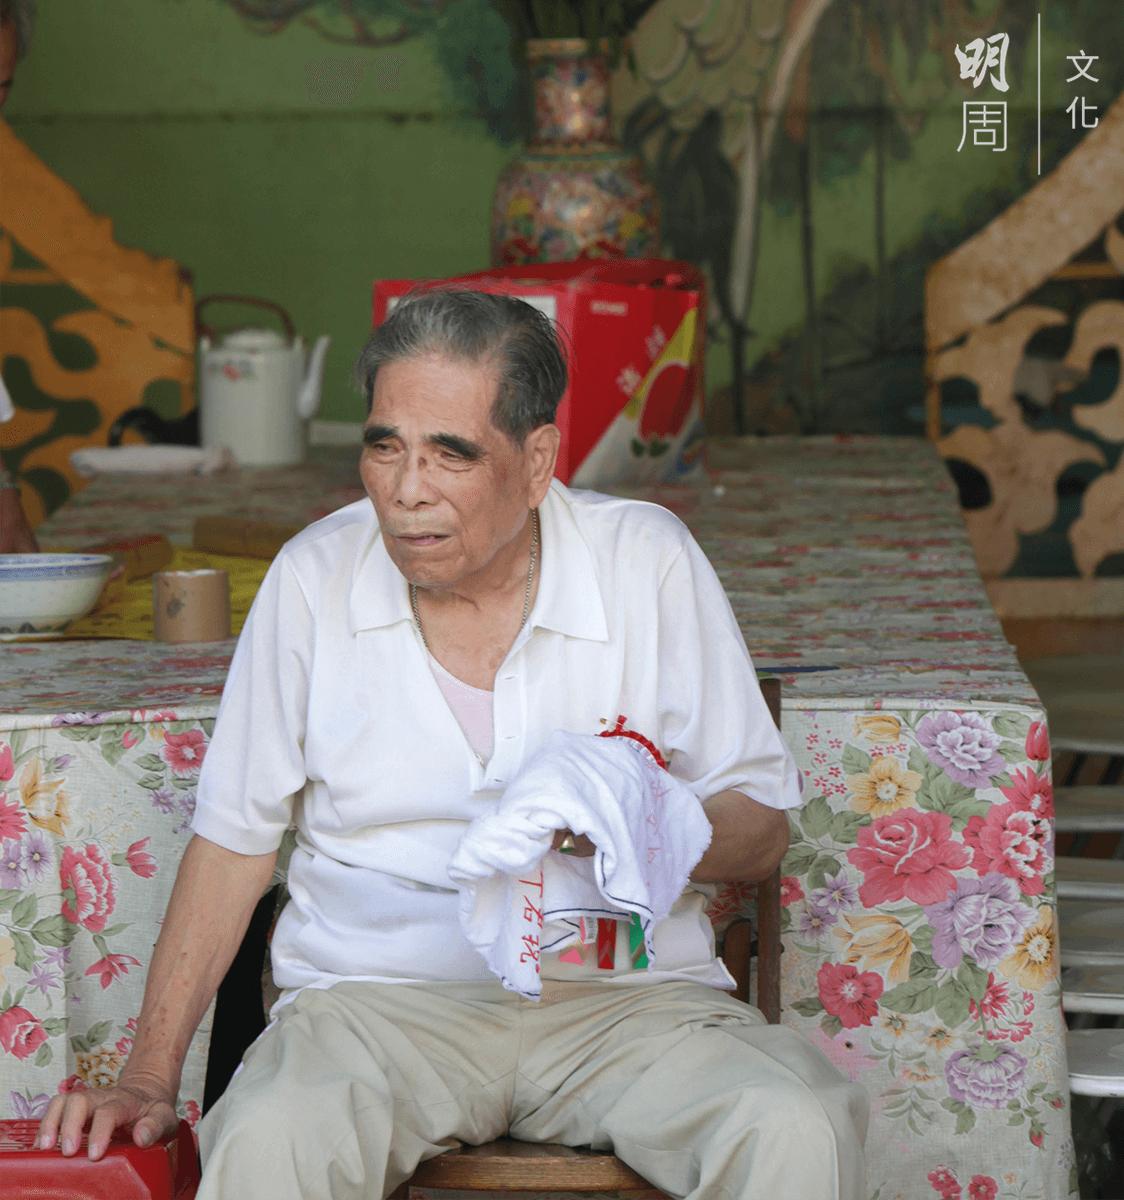 八十一歲的會長莊 沛在參與東頭村盂 蘭勝會近五十年, 負責統籌全局,應對和接待各政府部 門, 每 日五點起牀,忙到凌晨一兩點才睡,要操心的事情可不少。